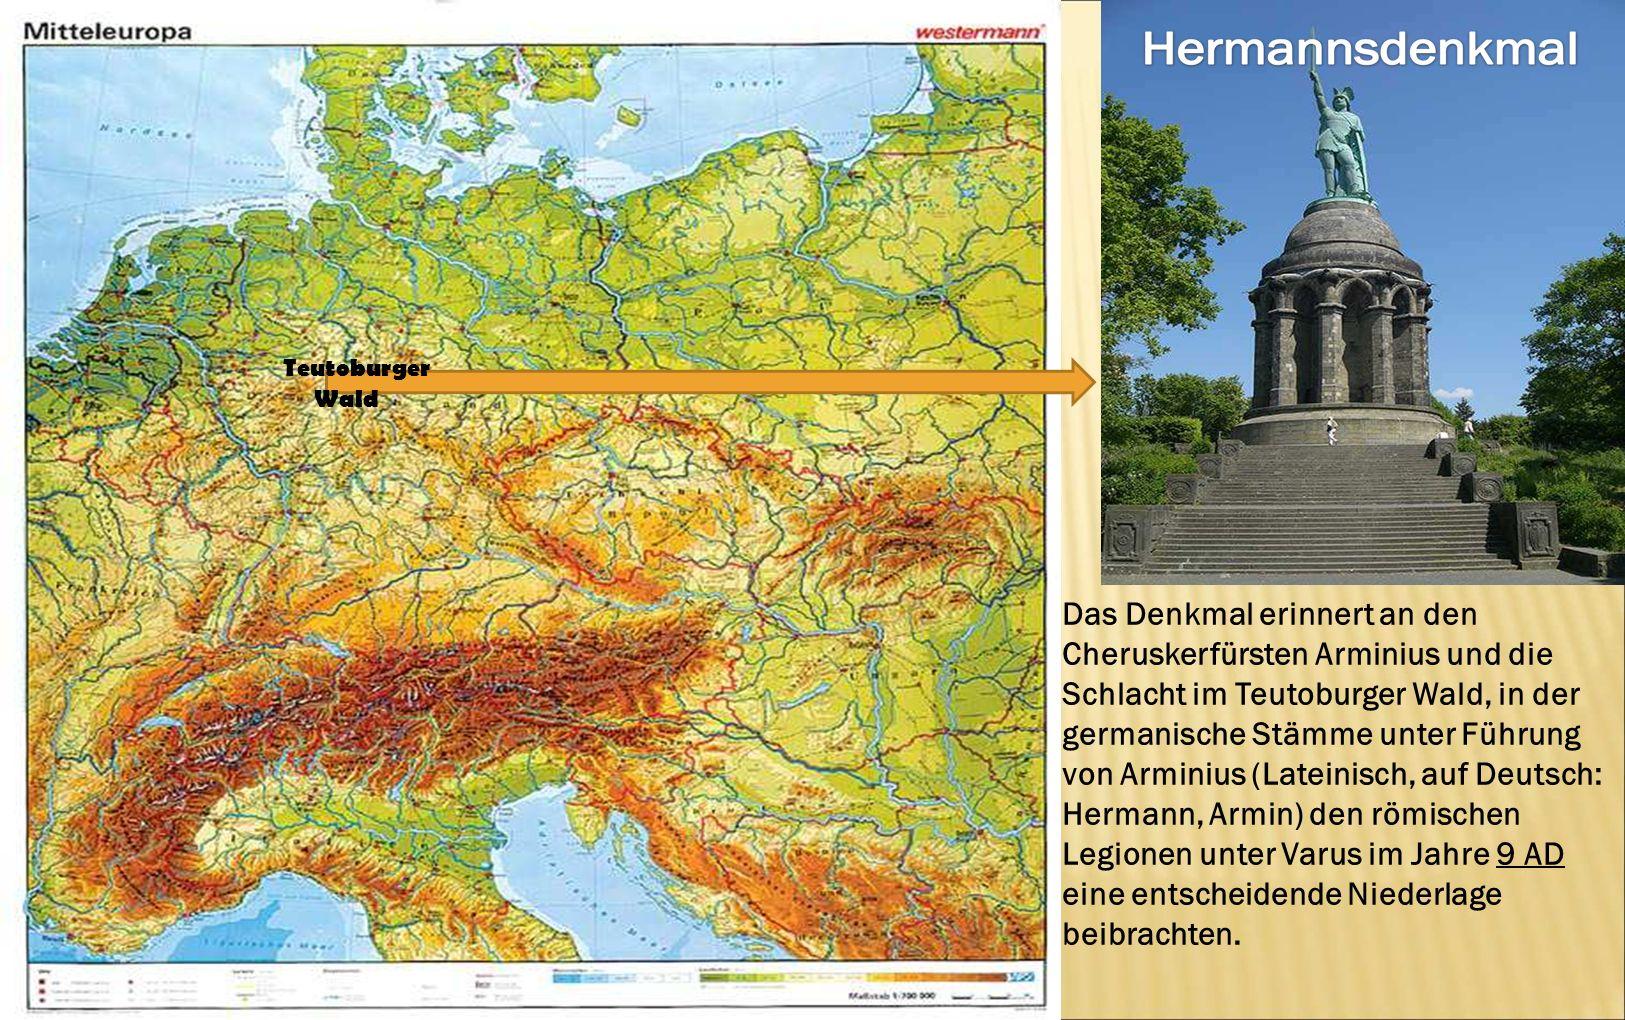 Das Denkmal erinnert an den Cheruskerfürsten Arminius und die Schlacht im Teutoburger Wald, in der germanische Stämme unter Führung von Arminius (Late